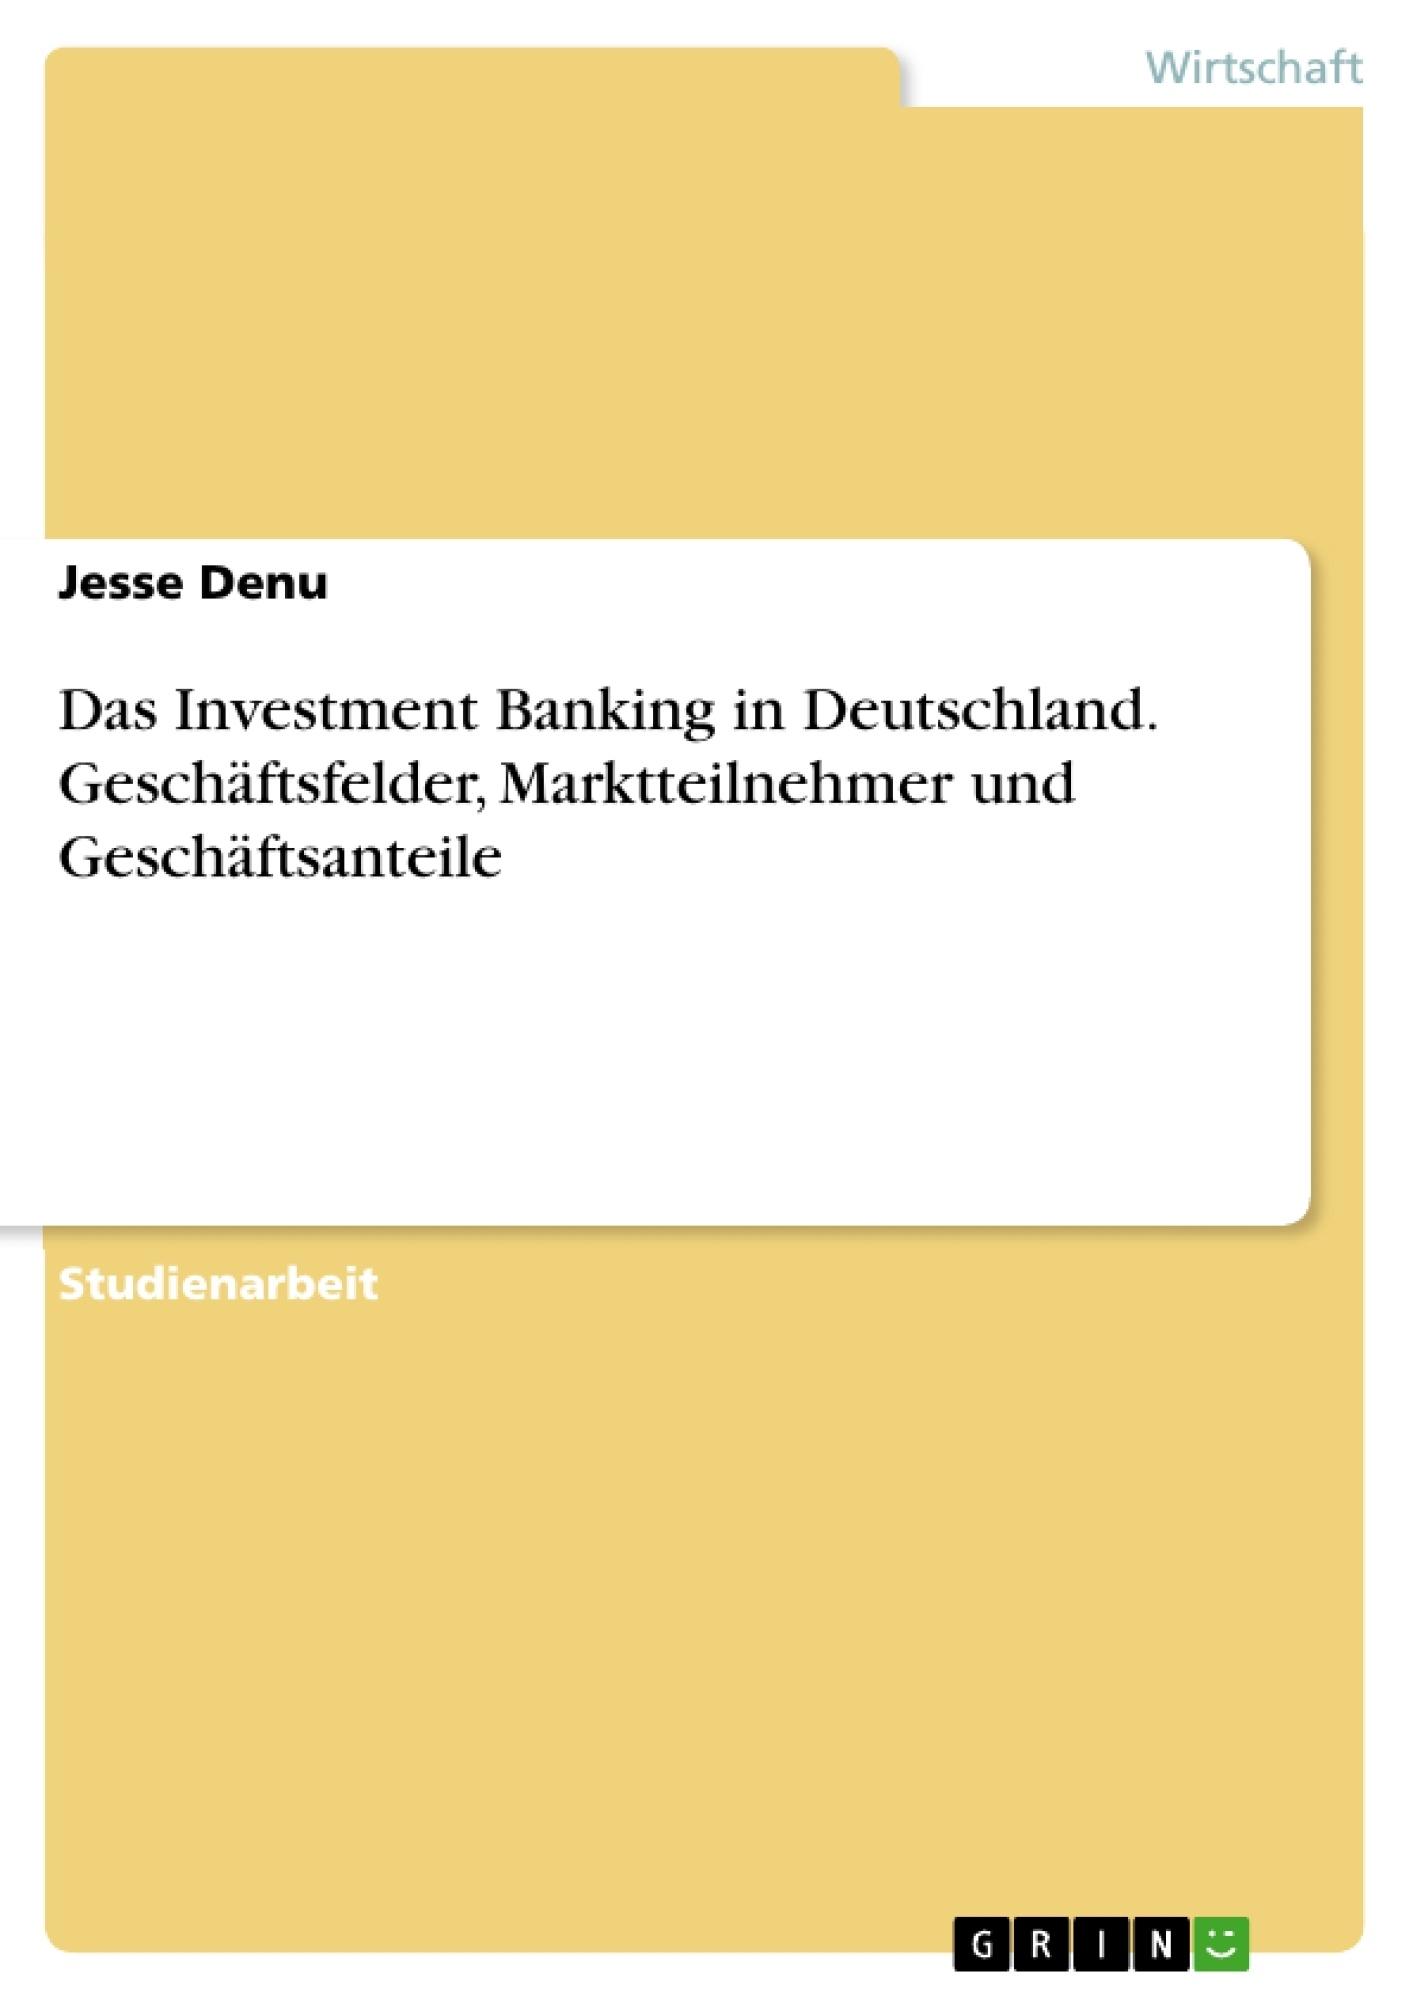 Titel: Das Investment Banking in Deutschland. Geschäftsfelder,  Marktteilnehmer und Geschäftsanteile